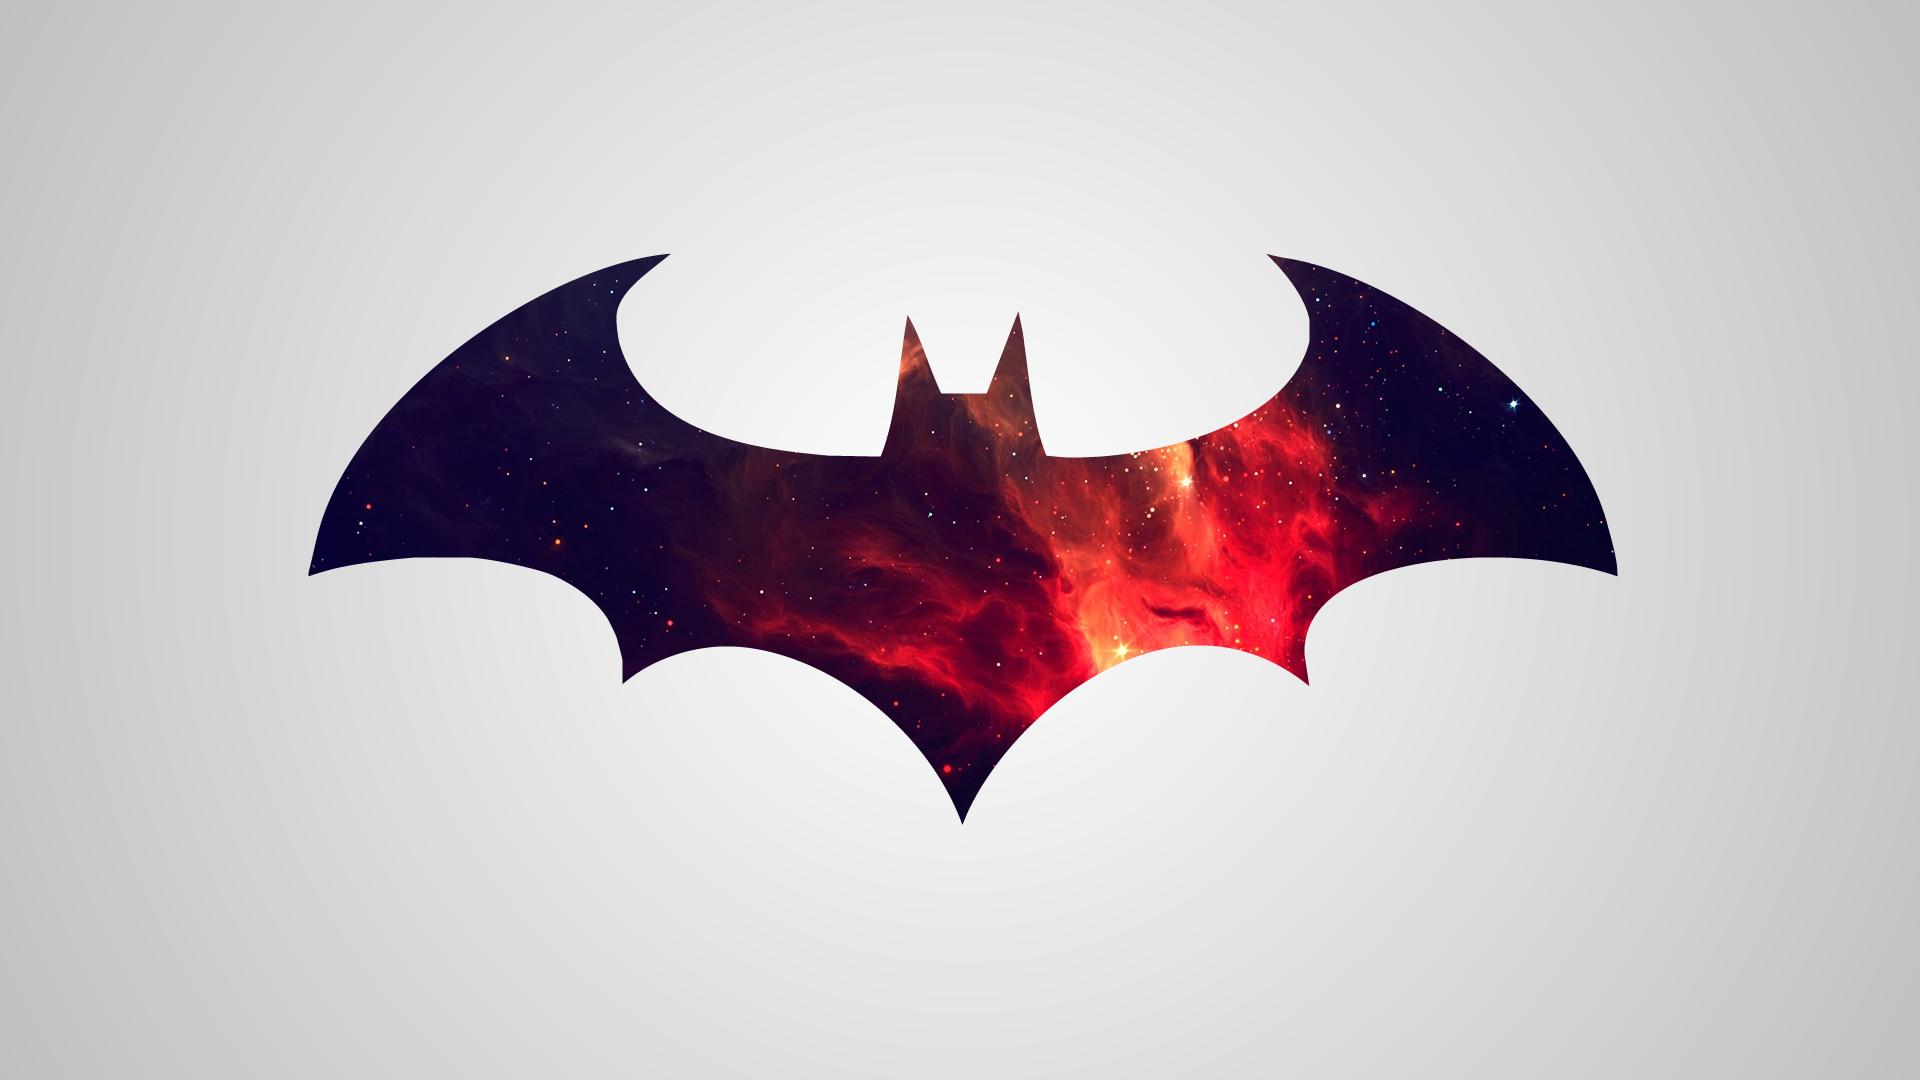 wallpapers of batman, batman logo wallpaper